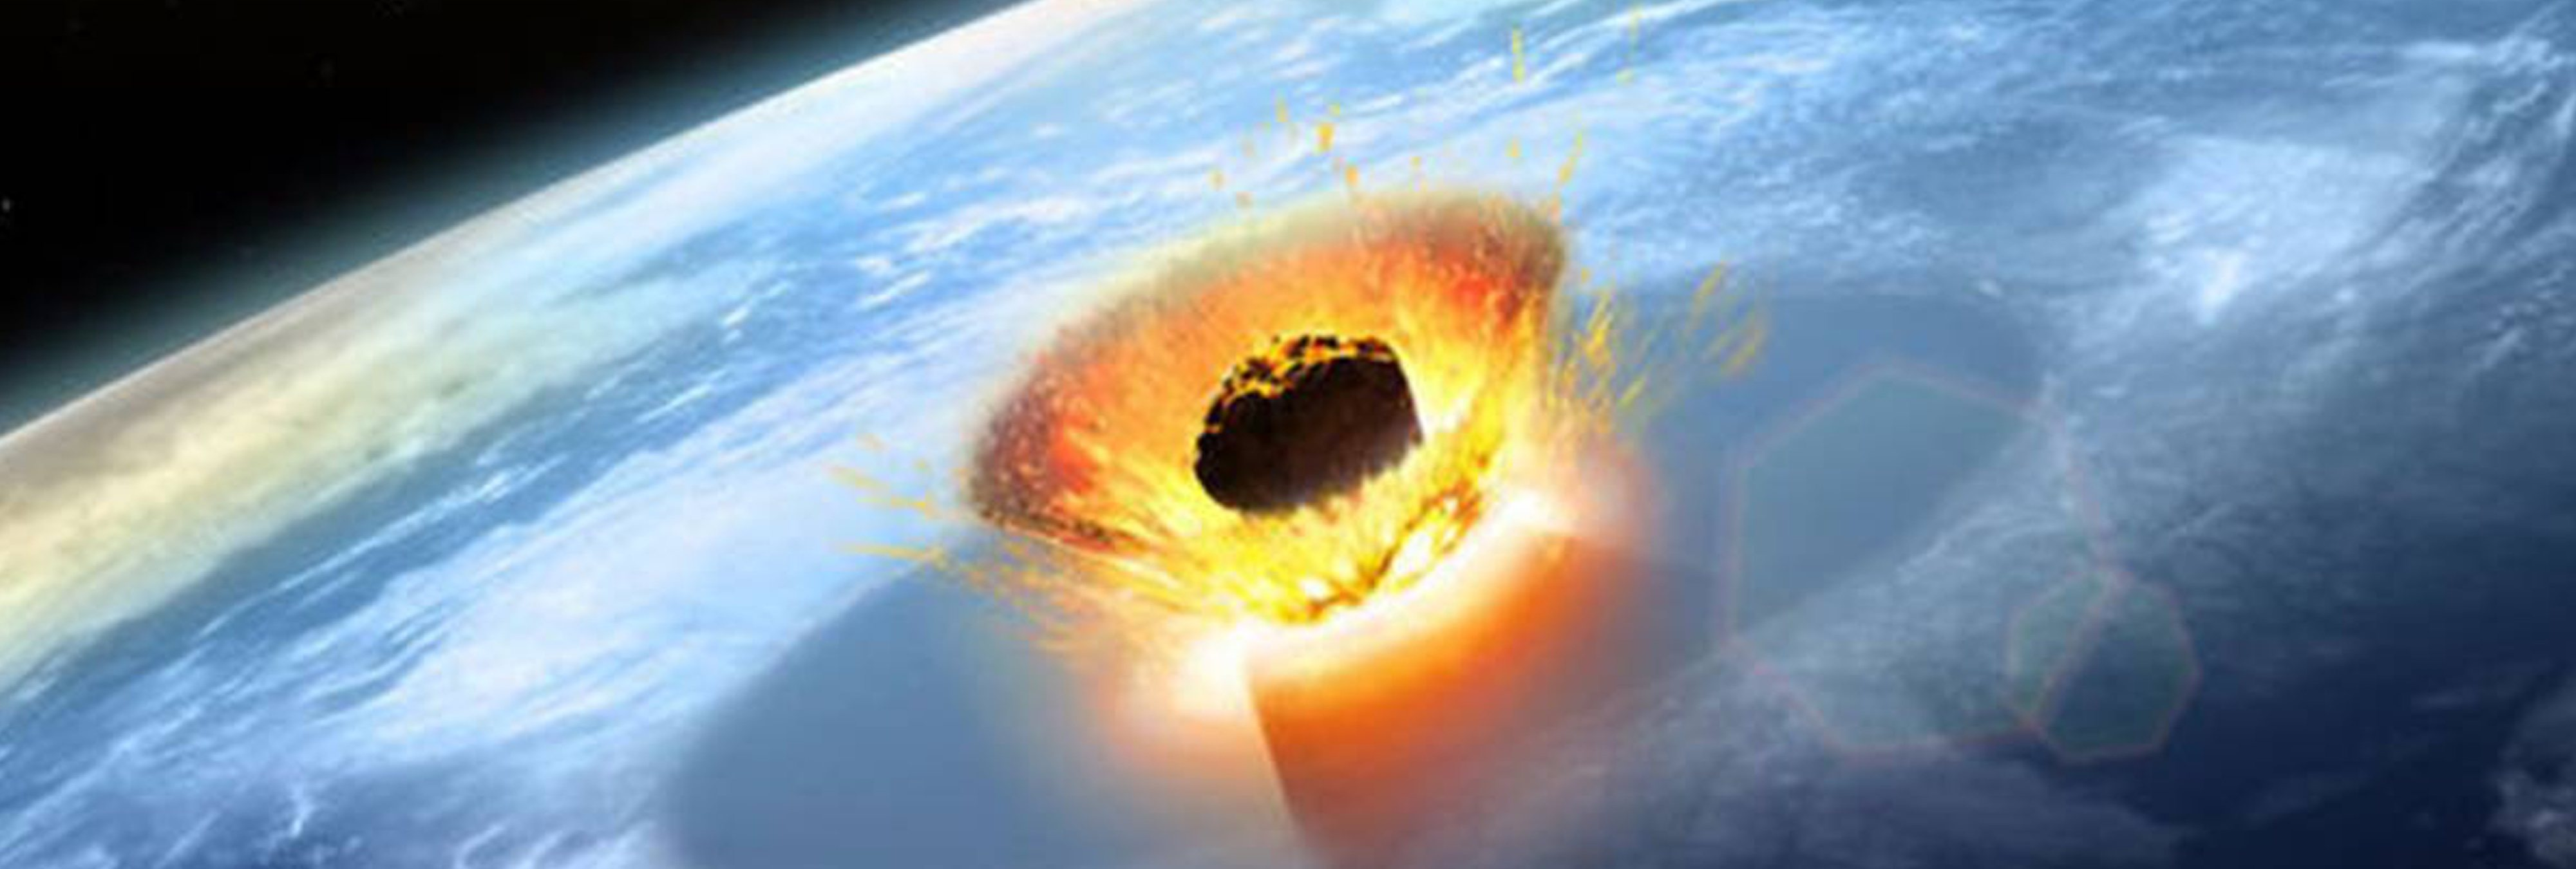 El mundo terminará el próximo 24 de junio de 2018, según la Biblia